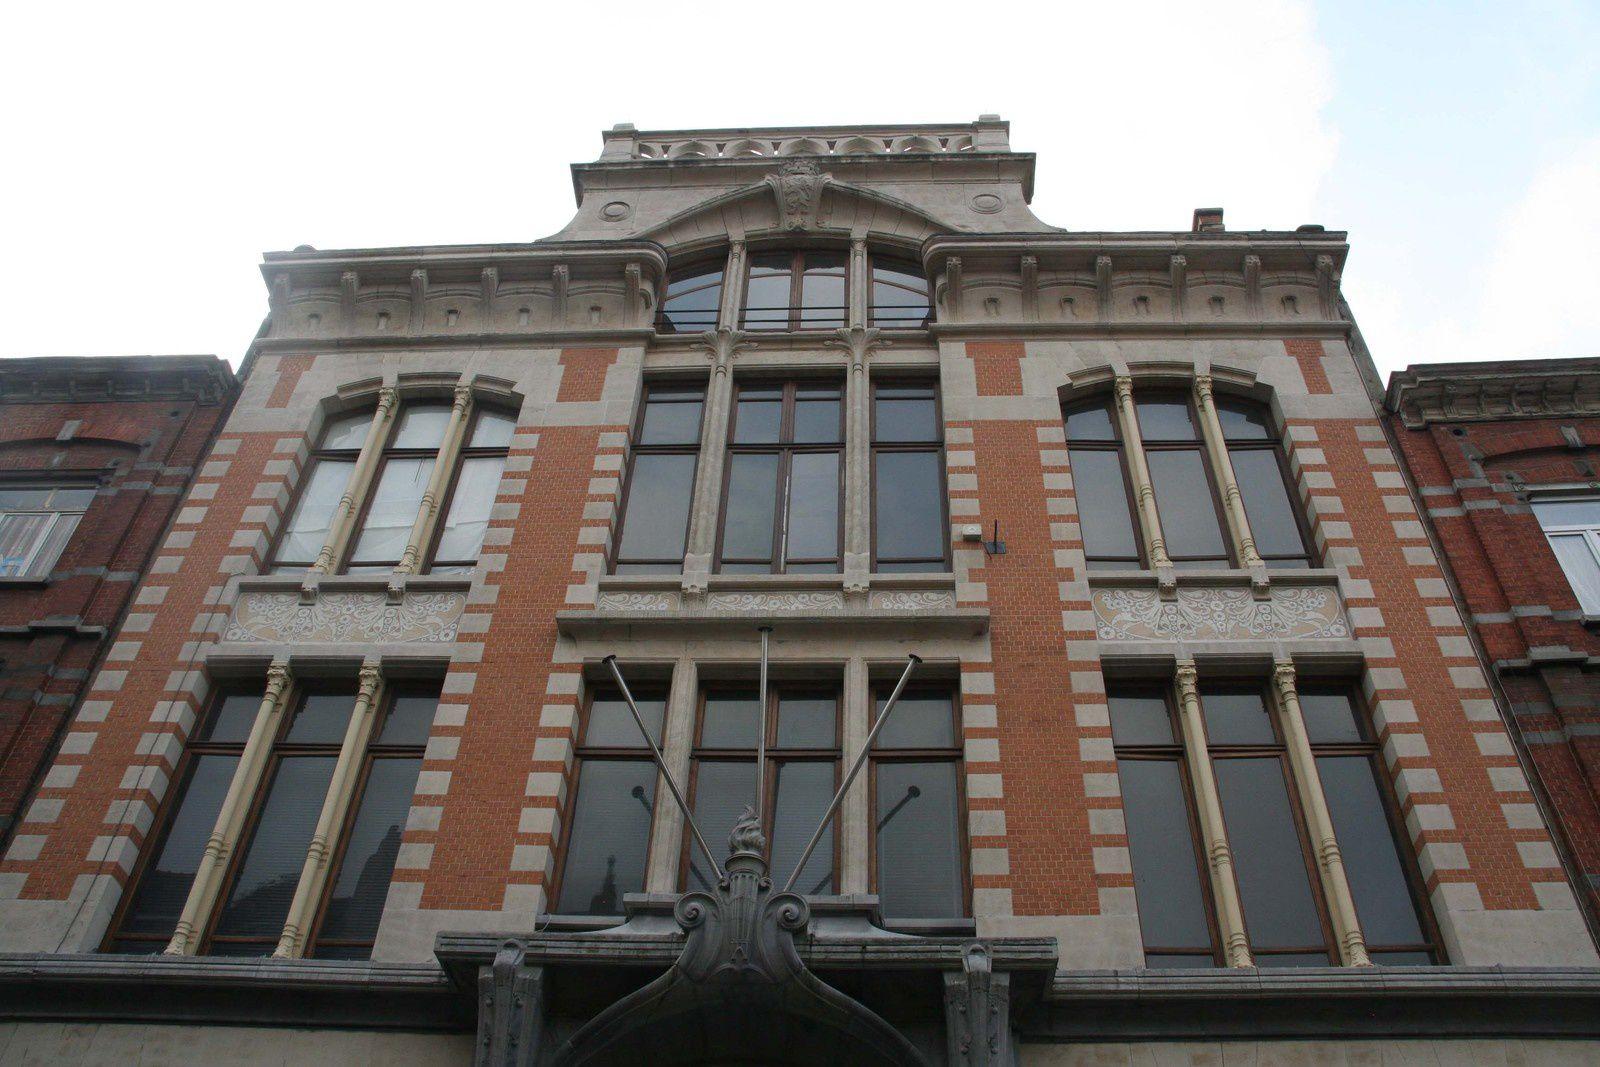 Bruxelles, ou l'éclectisme des architectures